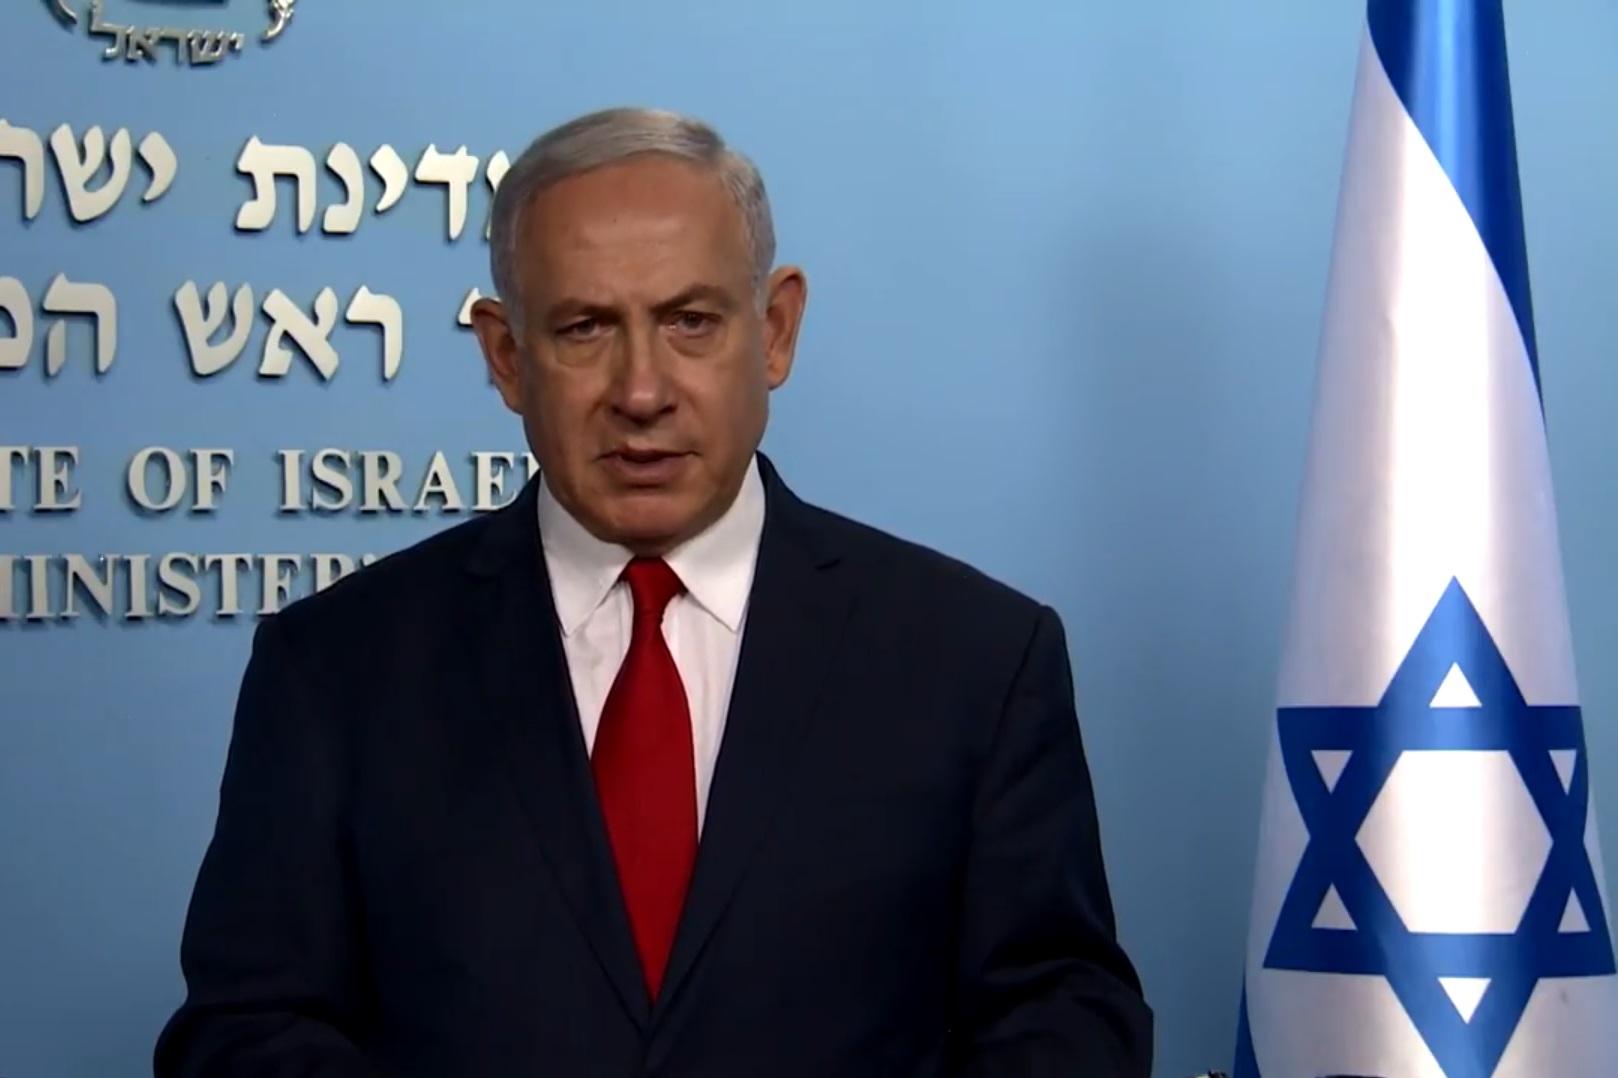 """נתניהו מאיים: """"פועלים נגד העברת נשק קטלני מסוריה ללבנון או ייצורו בלבנון"""""""